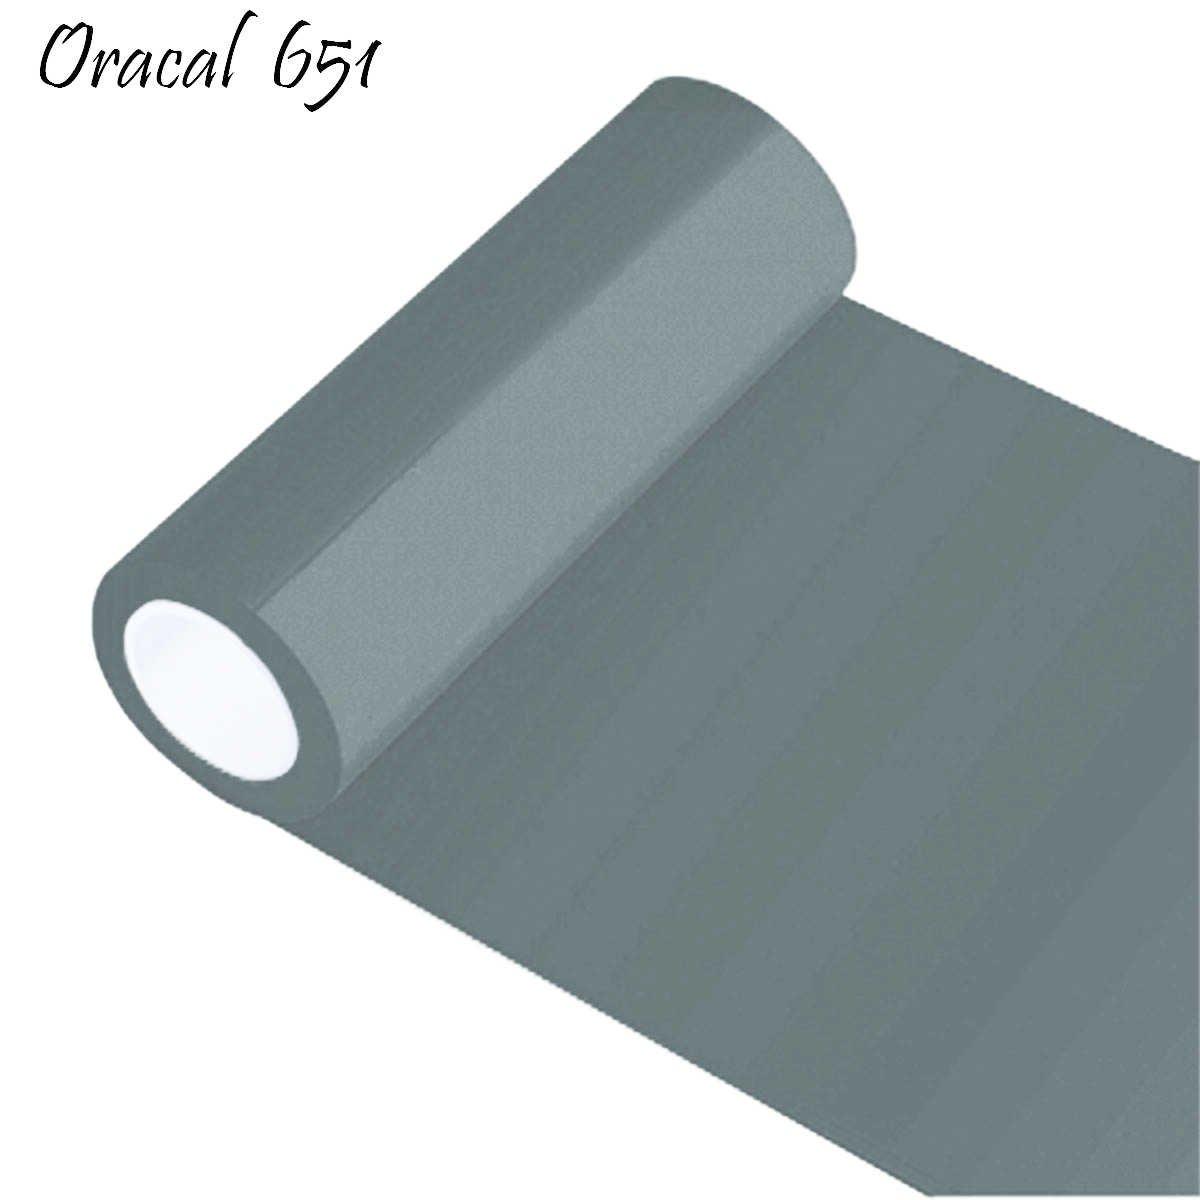 Und Küchenschränke Für Glanz Glänzend Orafol 651